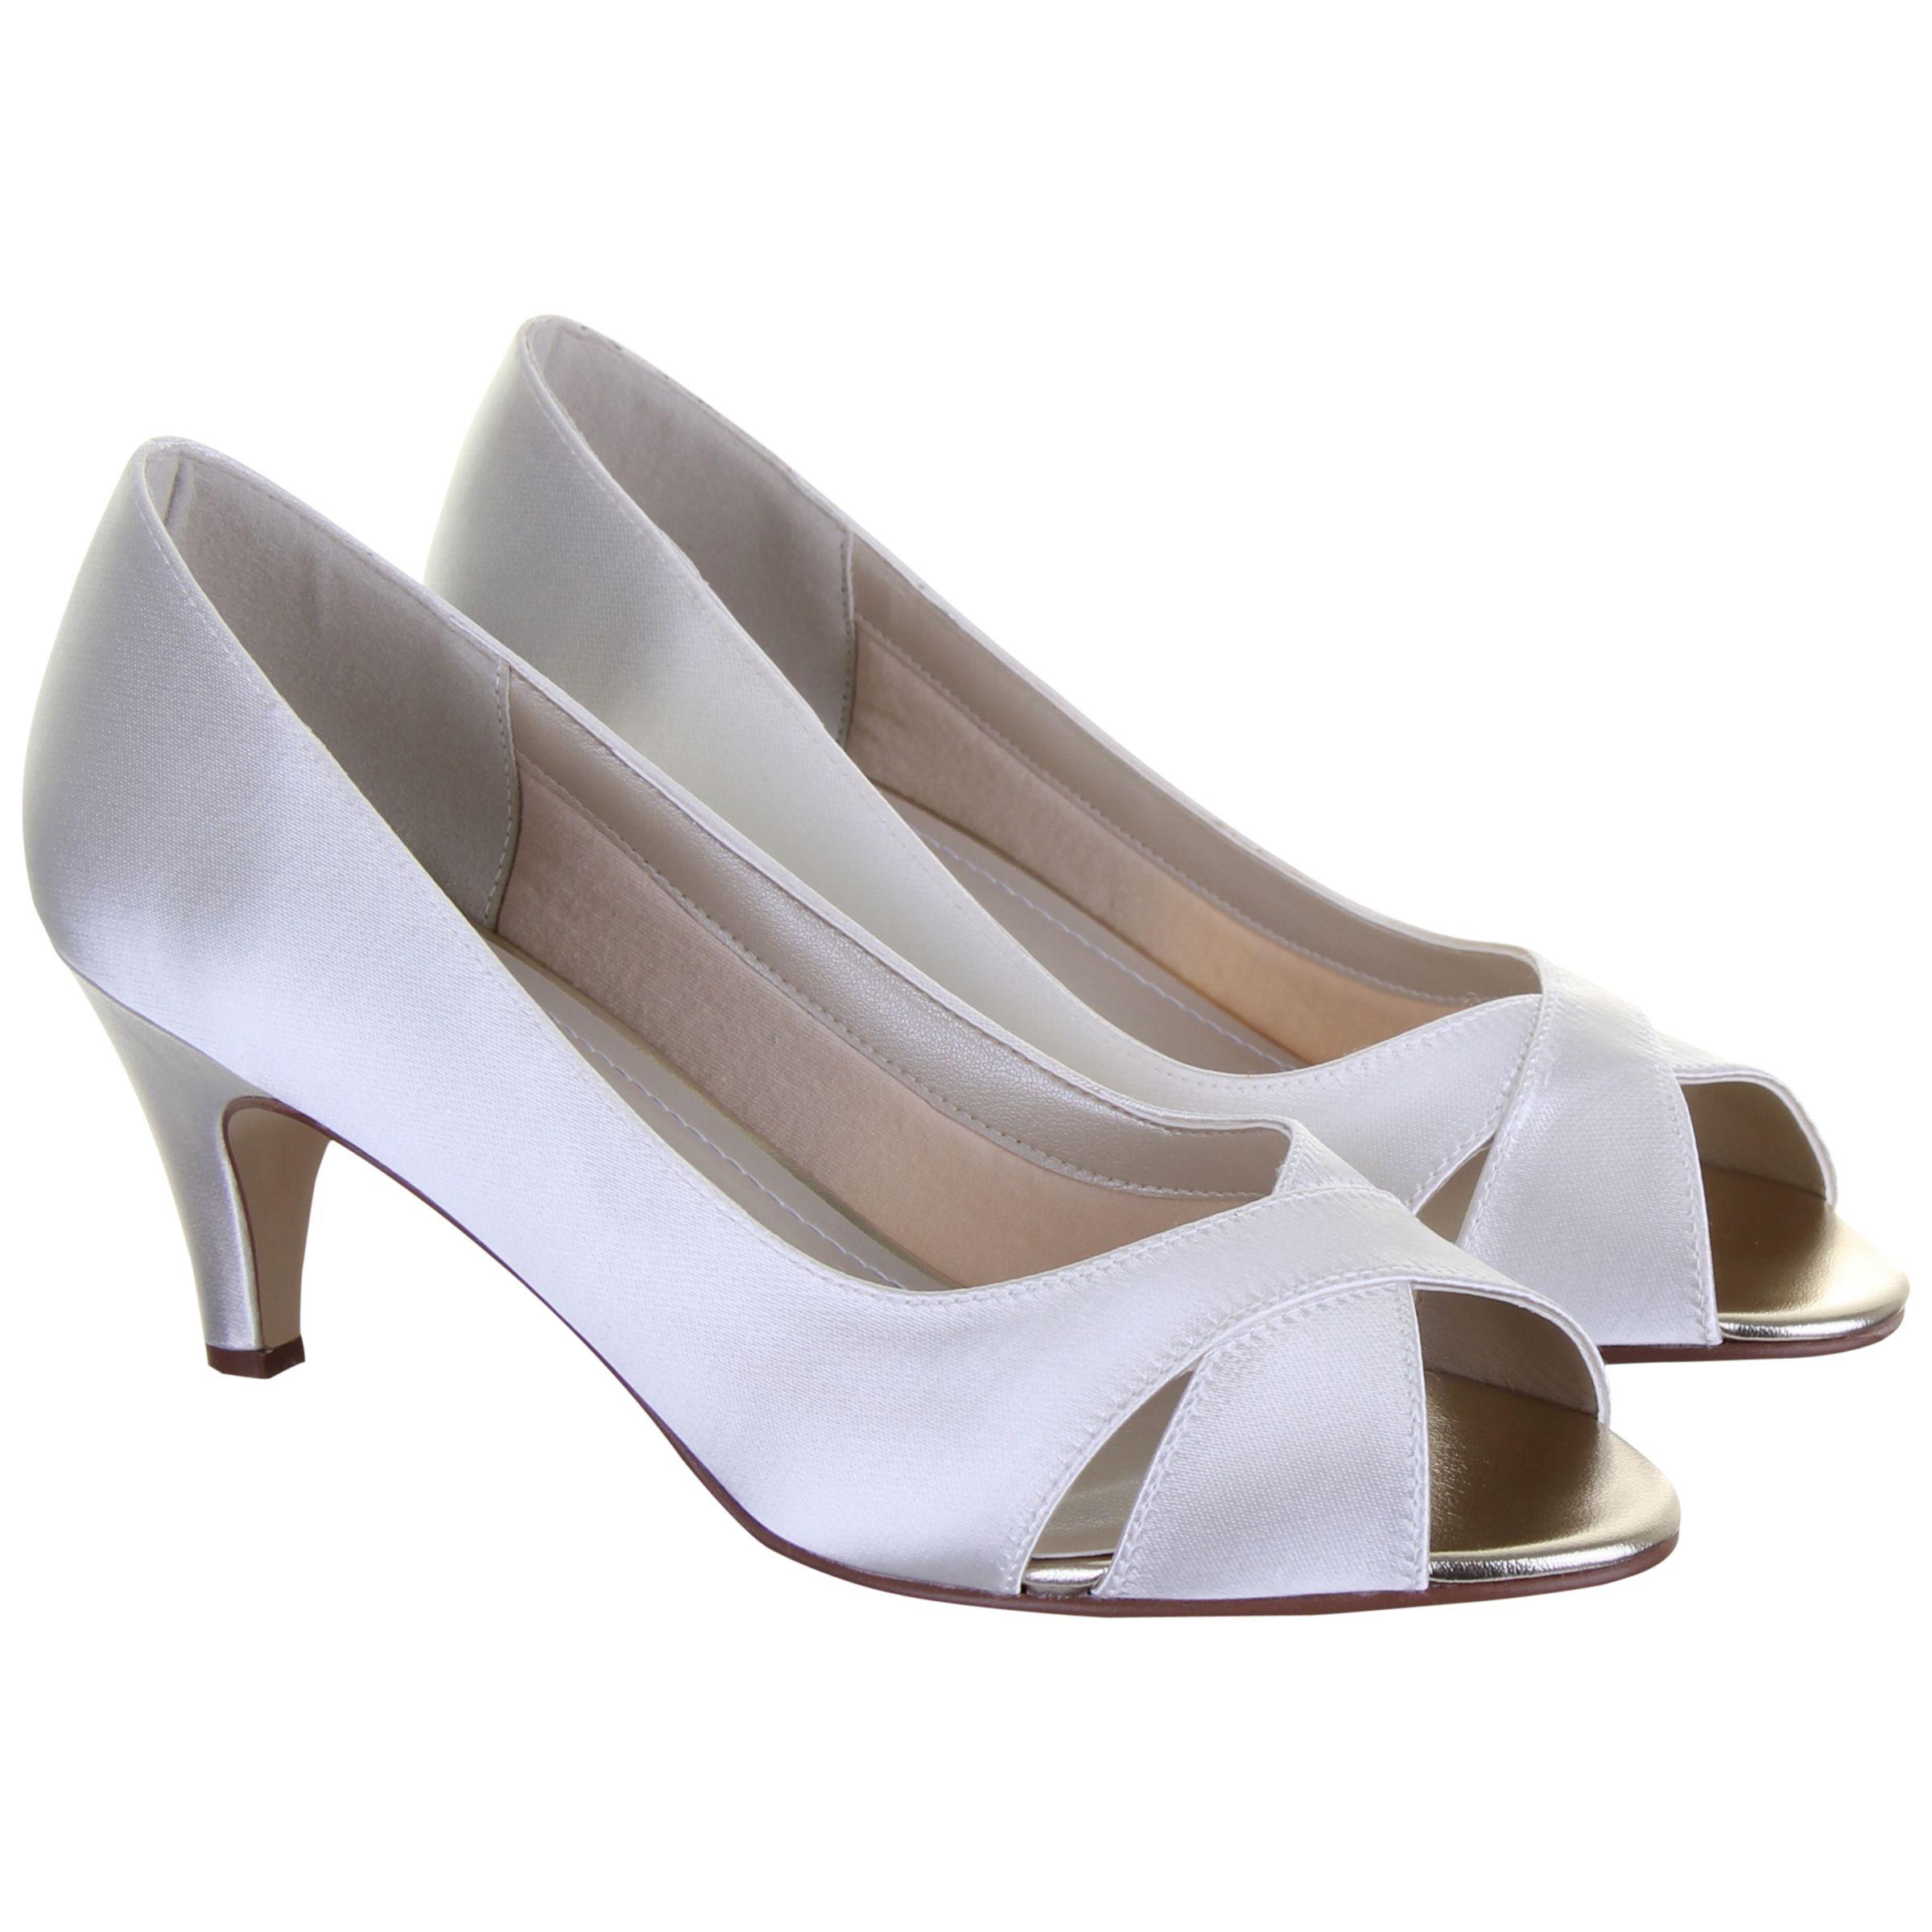 Cheap Gold High Heels For Women Is Heel Part 1067